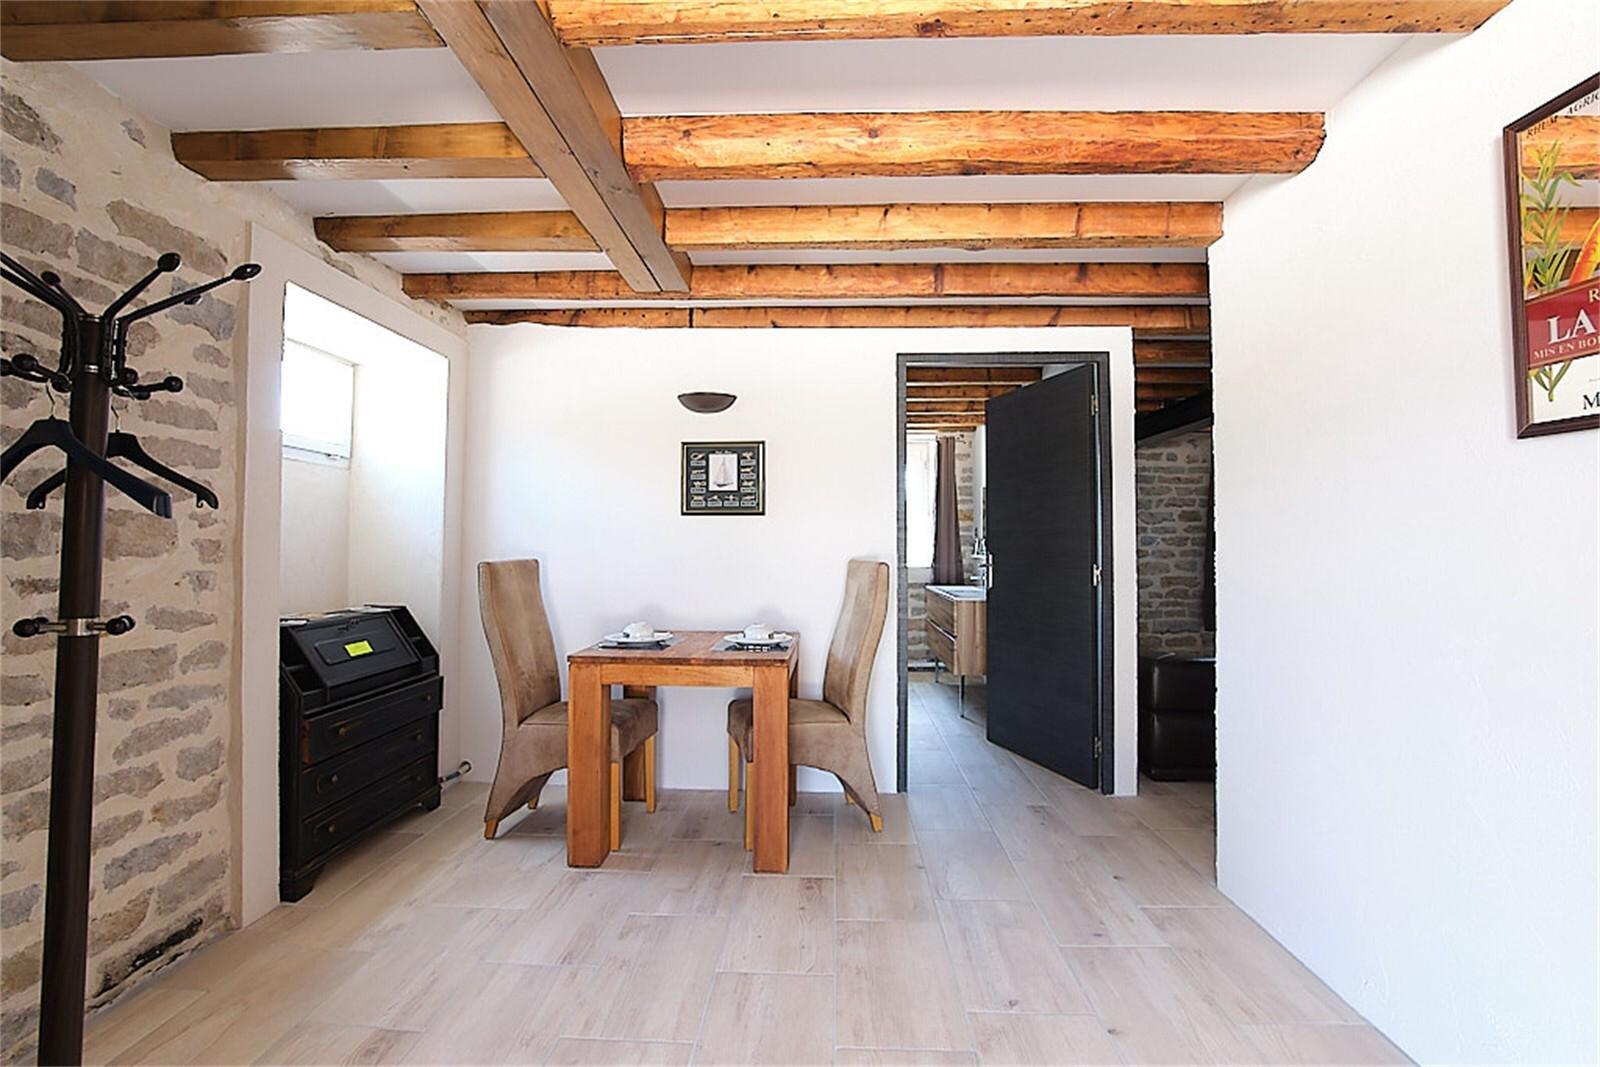 IDEAL CHAMBRES ET TABLE D'HÔTES, à proximité du Centre Historique de TOURNUS, à 30 min de MACON et 1h10 de LYON, proche de la gare et de l?accès autoroute A6. Découvrez cette Propriété de Caractère située sur les bords de Saône, offrant une vue privilégiée sur la vieille ville, dans un cadre calme et verdoyant. Elle est composée de 5 hébergements indépendants, entre 45 m² et 90 m², pour un total de 7 chambres. Un espace séparé, aménagé en restaurant avec cuisines et deux vérandas, s?ouvre sur le jardin arboré et les berges. L?aménagement de cette propriété offre de nombreuses possibilités d?exploitation : chambres d?hôte, gîtes, salle de réception, séminaires, restaurant, demeure familiale. Son emplacement privilégié, sa rareté, son charme et sa rénovation récente, alliant authenticité et esprit contemporain, font de cette propriété un lieu d?exception, d?où vous profiterez pleinement de la sérénité des bords de rivière. Honoraires à la charge du vendeur.